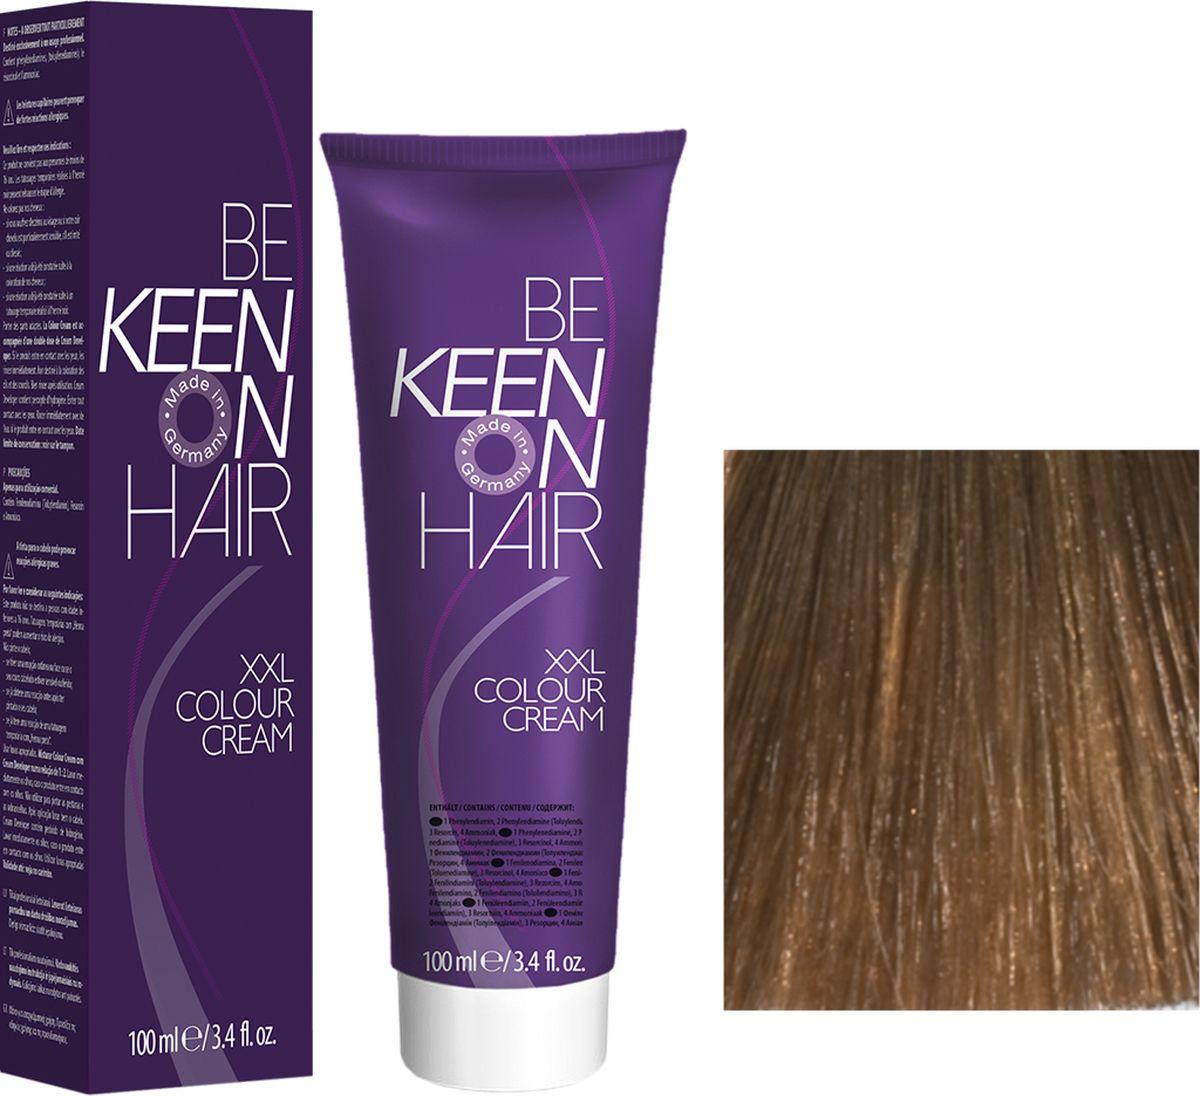 Keen Краска для волос 7.0 Натуральный блондин Mittelbond, 100 мл69100053Модные оттенкиБолее 100 оттенков для креативной комбинации цветов.ЭкономичностьПри использовании тюбика 100 мл вы получаете оптимальное соотношение цены и качества!УходМолочный белок поддерживает структуру волоса во время окрашивания и придает волосам блеск и шелковистость. Протеины хорошо встраиваются в волосы и снабжают их влагой.